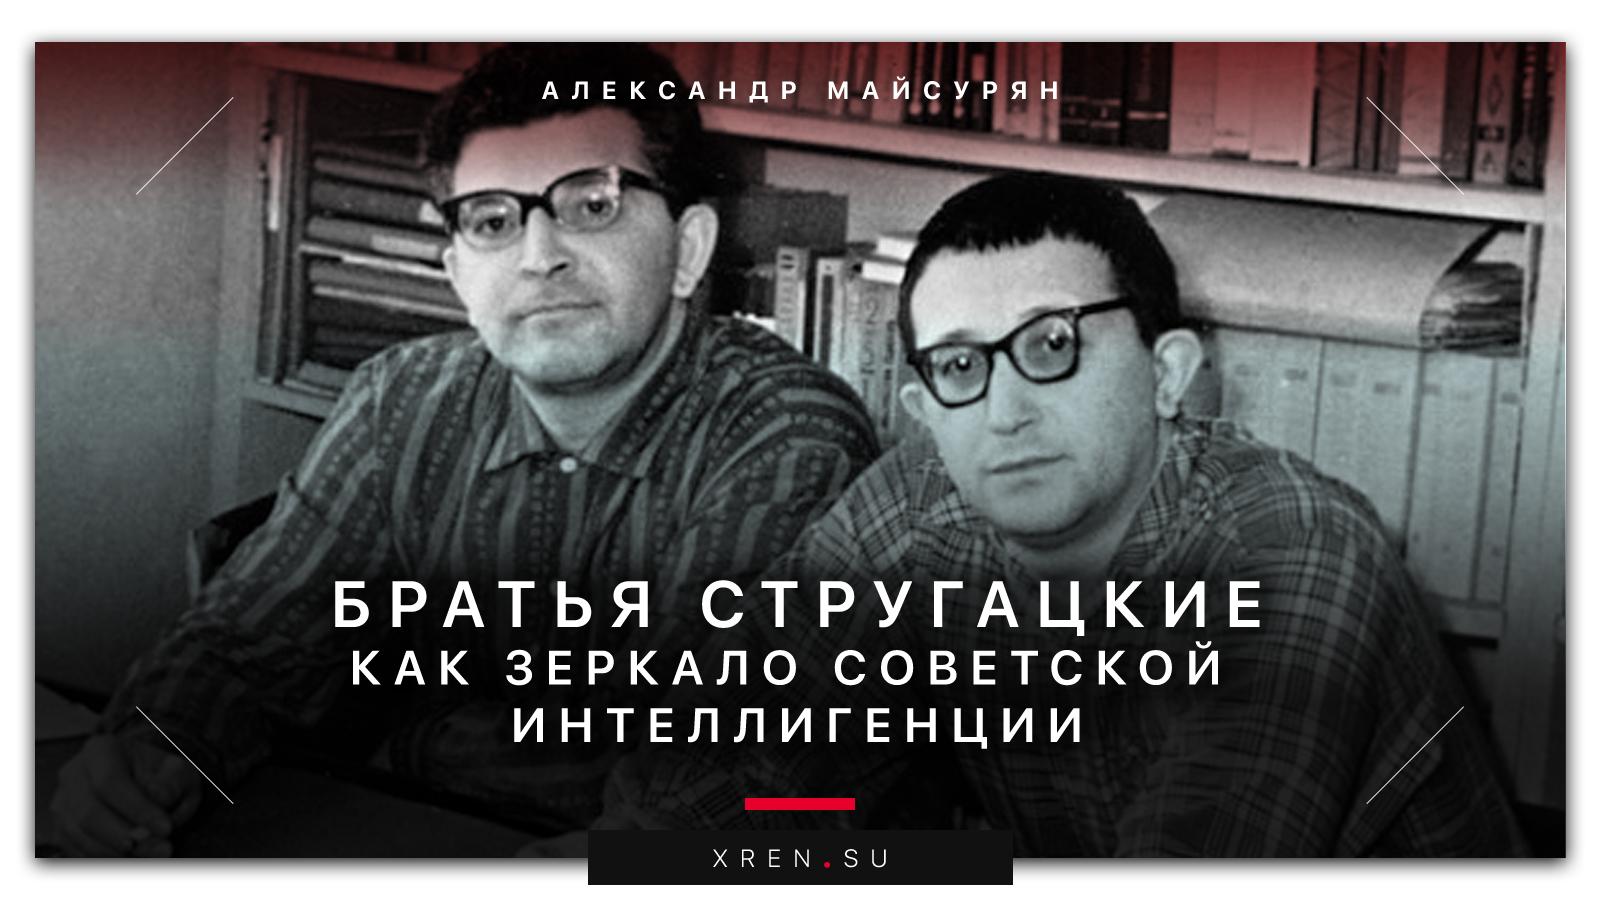 Братья Стругацкие как зеркало советской интеллигенции